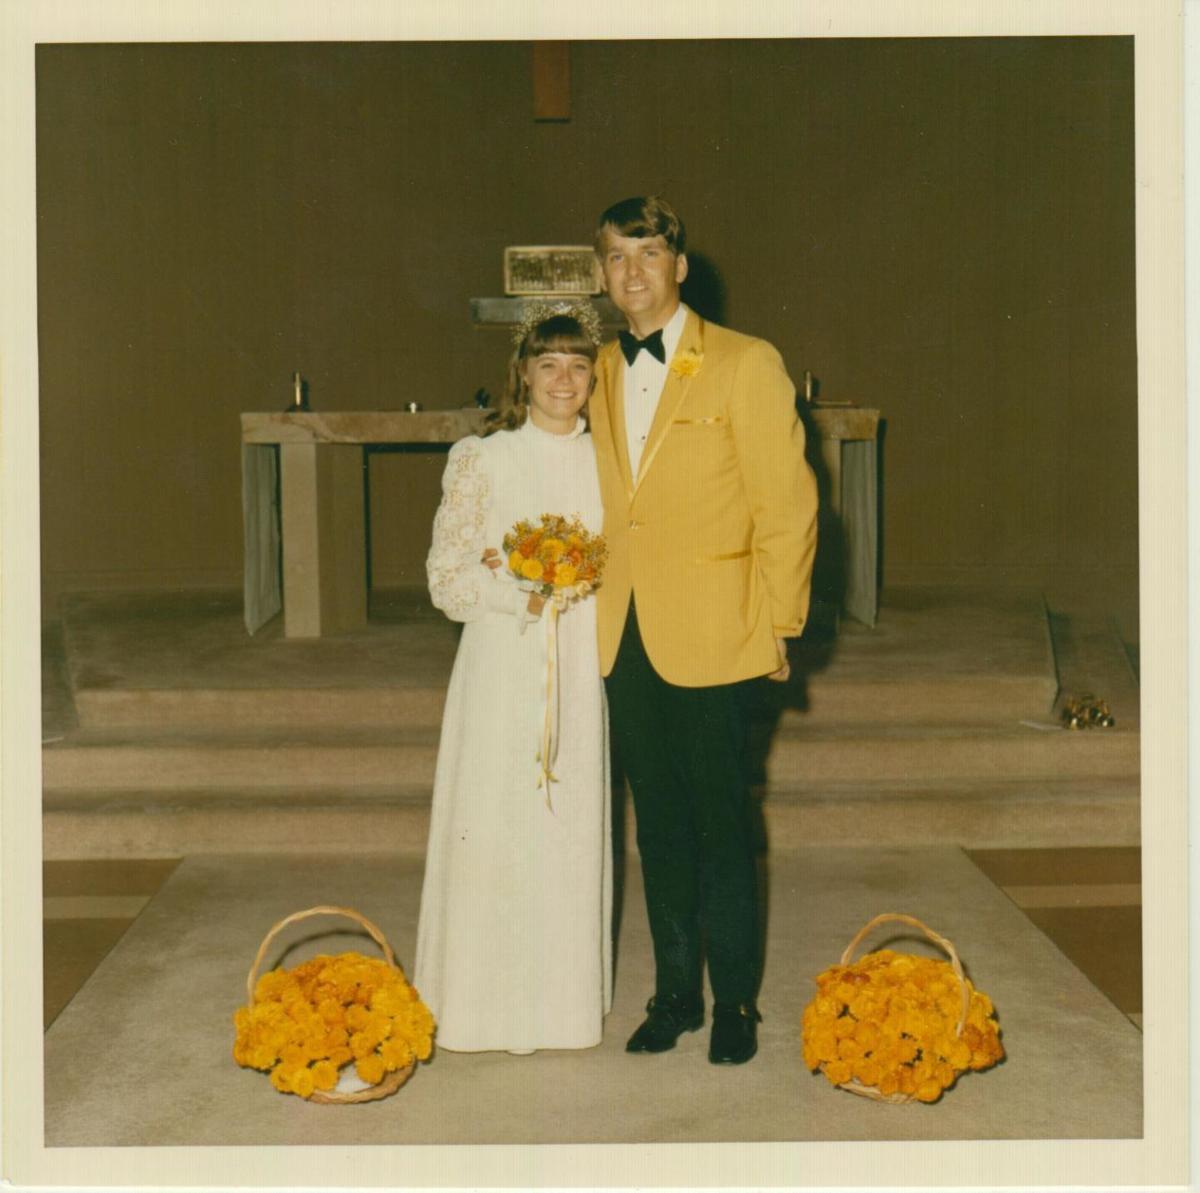 Smith wedding photo.jpeg